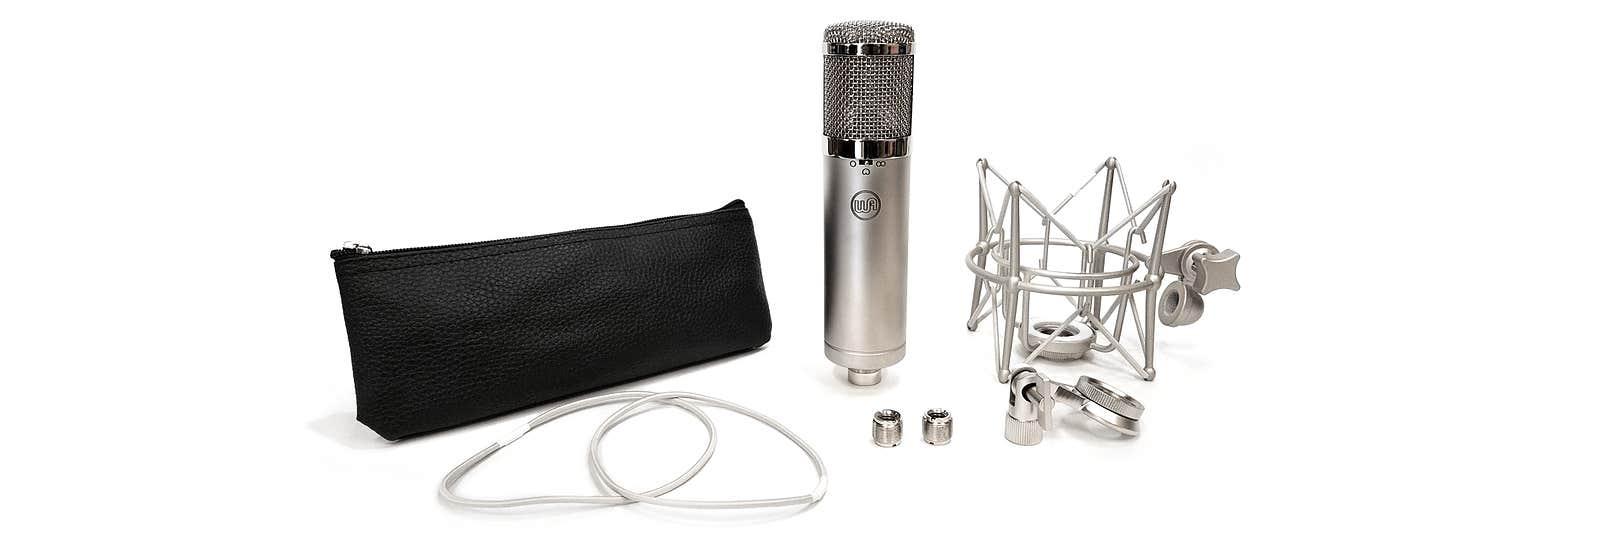 Warm Audio WA-47 Jr FET Condenser Microphone